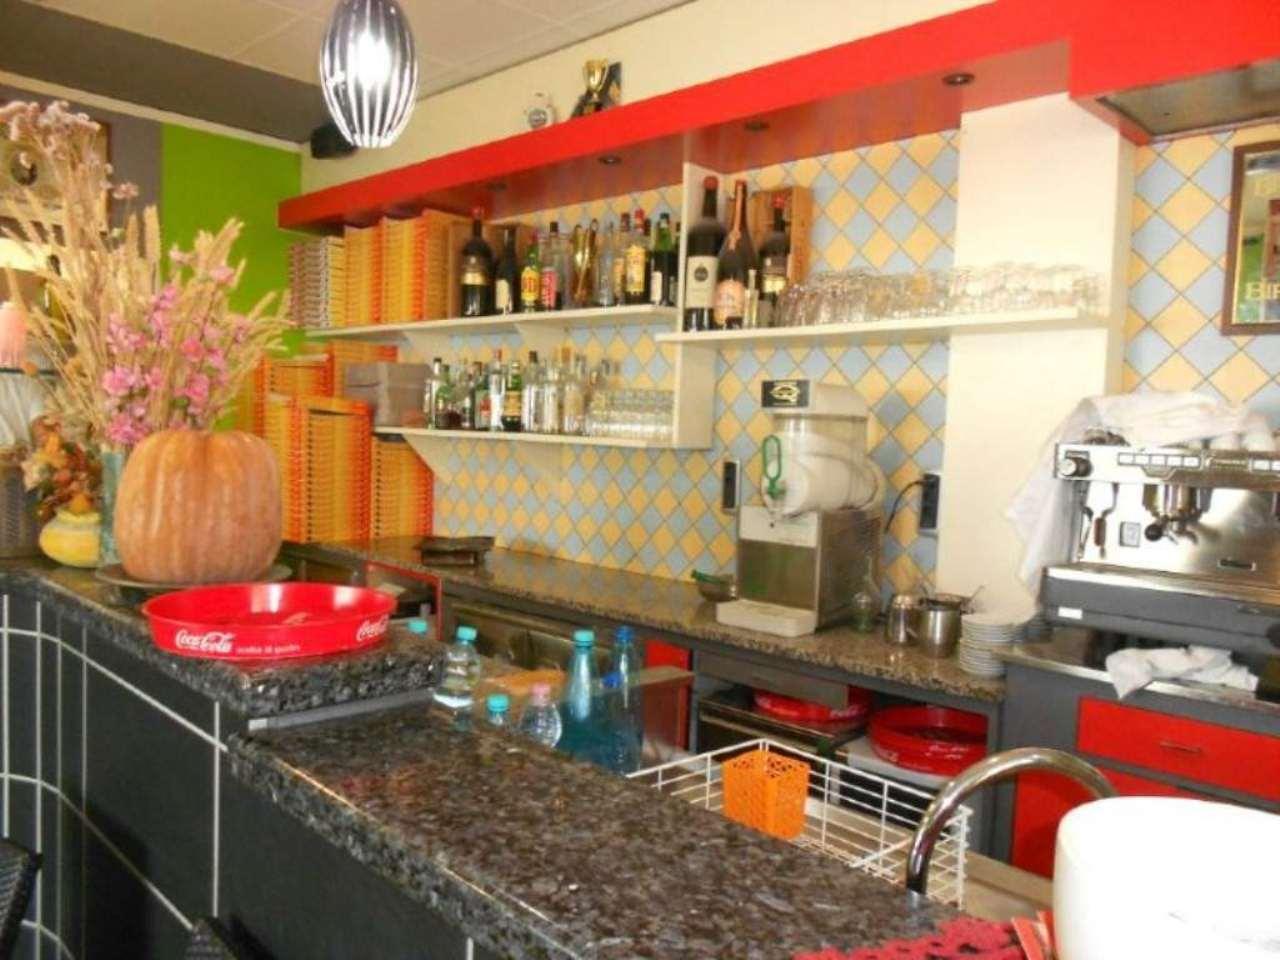 Ristorante / Pizzeria / Trattoria in vendita a Castelfranco Emilia, 4 locali, prezzo € 160.000 | Cambio Casa.it